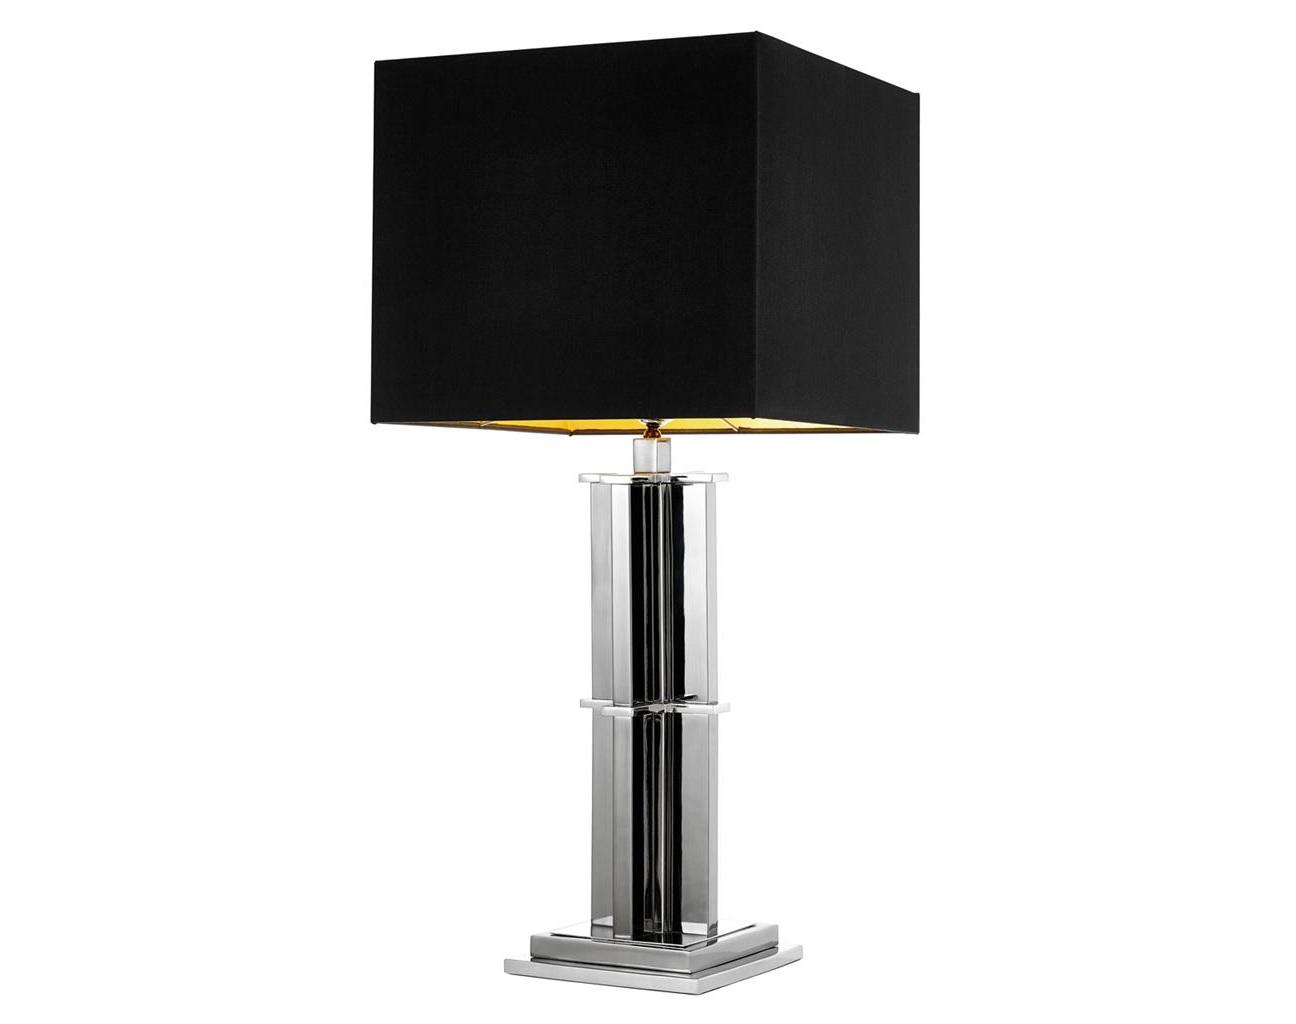 Настольная лампа Table Lamp EncoreДекоративные лампы<br>&amp;lt;div&amp;gt;Вид цоколя: E27&amp;lt;br&amp;gt;&amp;lt;/div&amp;gt;&amp;lt;div&amp;gt;&amp;lt;div&amp;gt;Мощность: 40W&amp;lt;/div&amp;gt;&amp;lt;div&amp;gt;Количество ламп: 1 (нет в комплекте)&amp;lt;/div&amp;gt;&amp;lt;/div&amp;gt;<br><br>Material: Металл<br>Ширина см: 35.0<br>Высота см: 77.0<br>Глубина см: 35.0